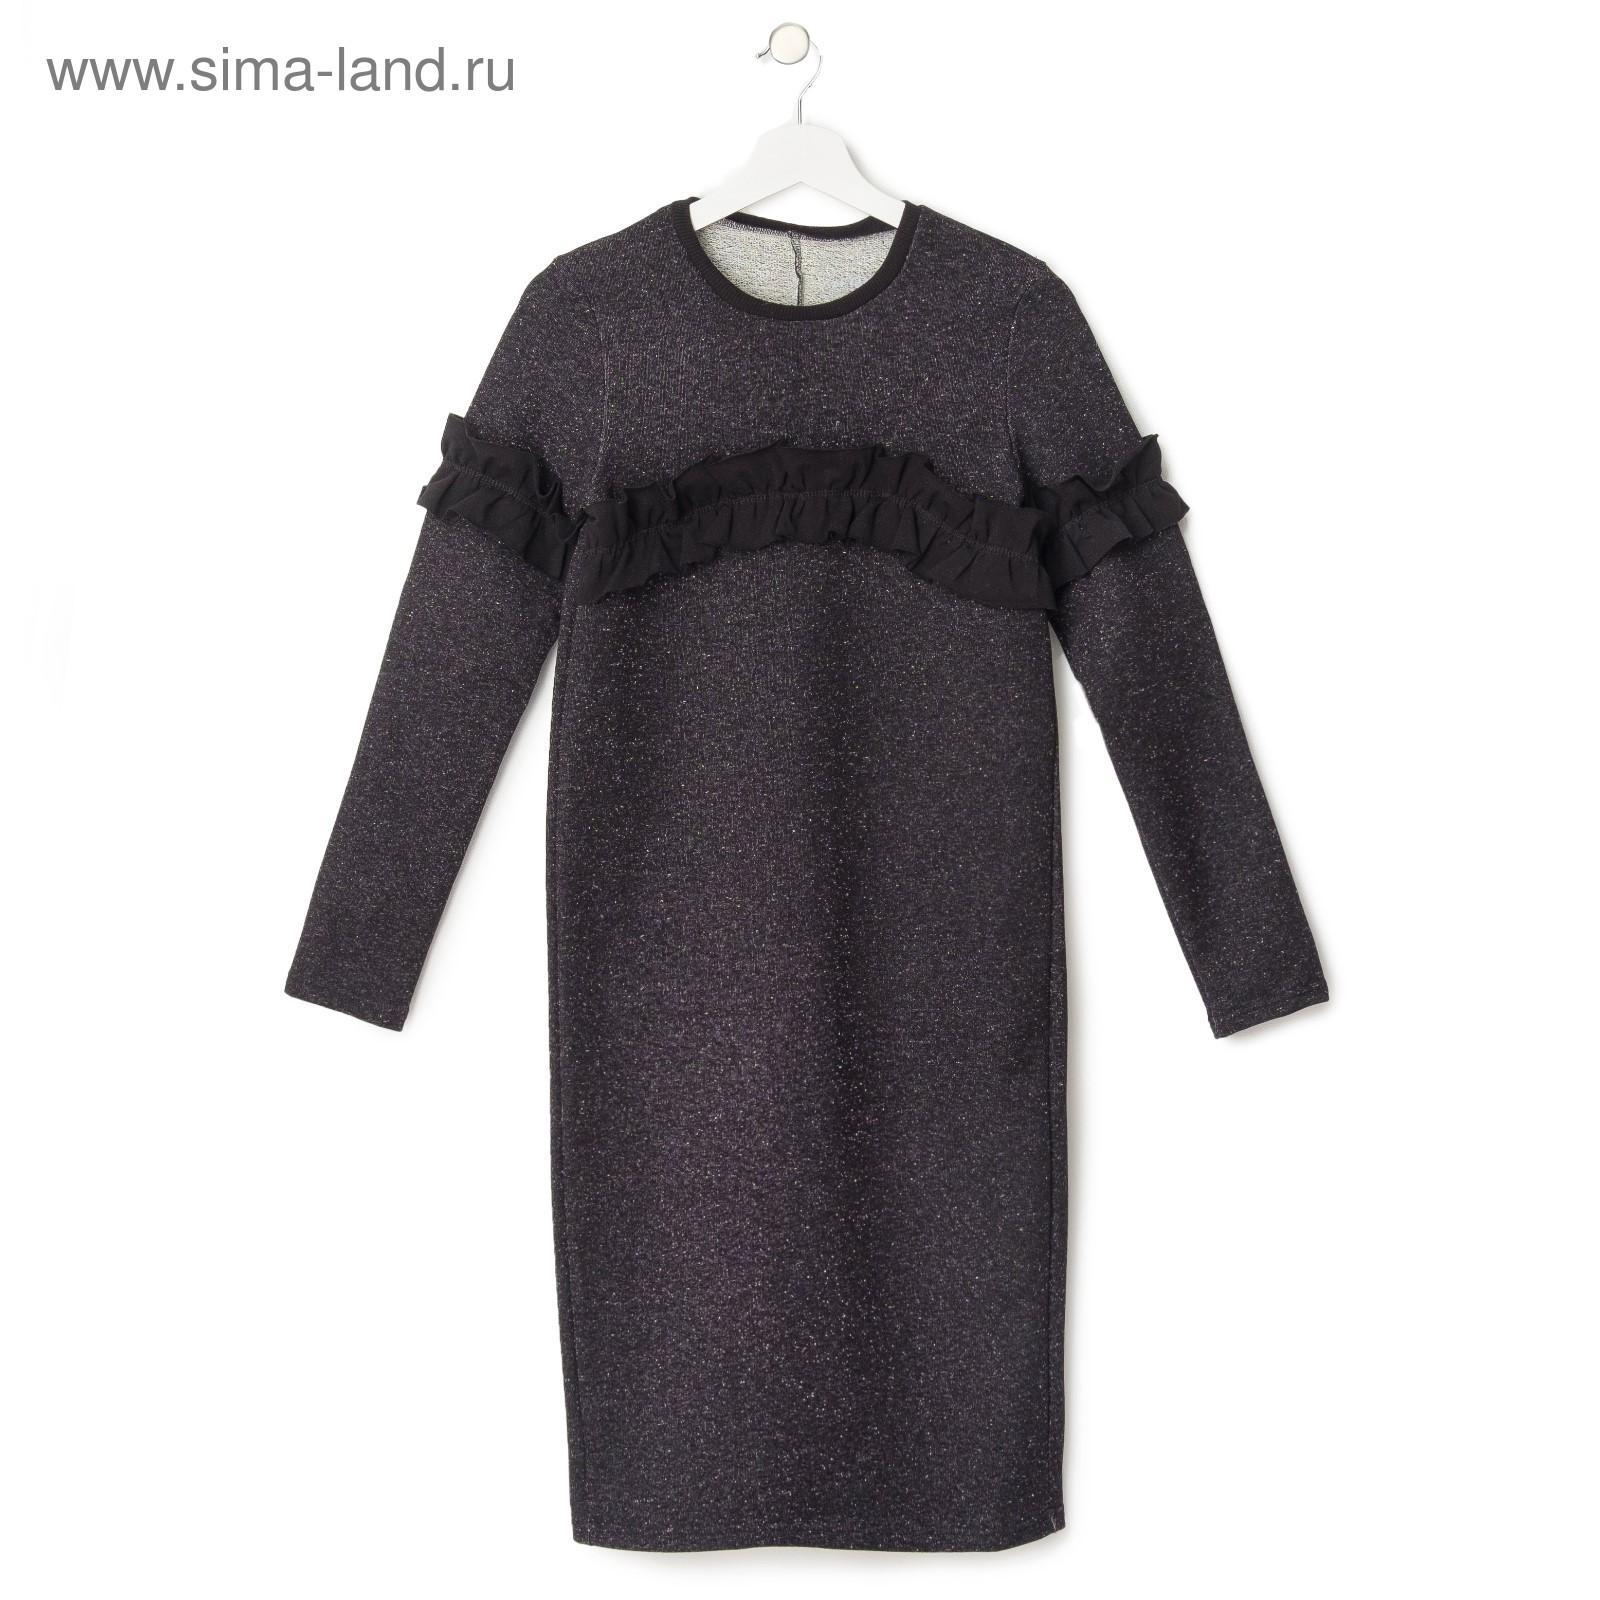 082d6d05652 Платье женское KAFTAN с рюшей